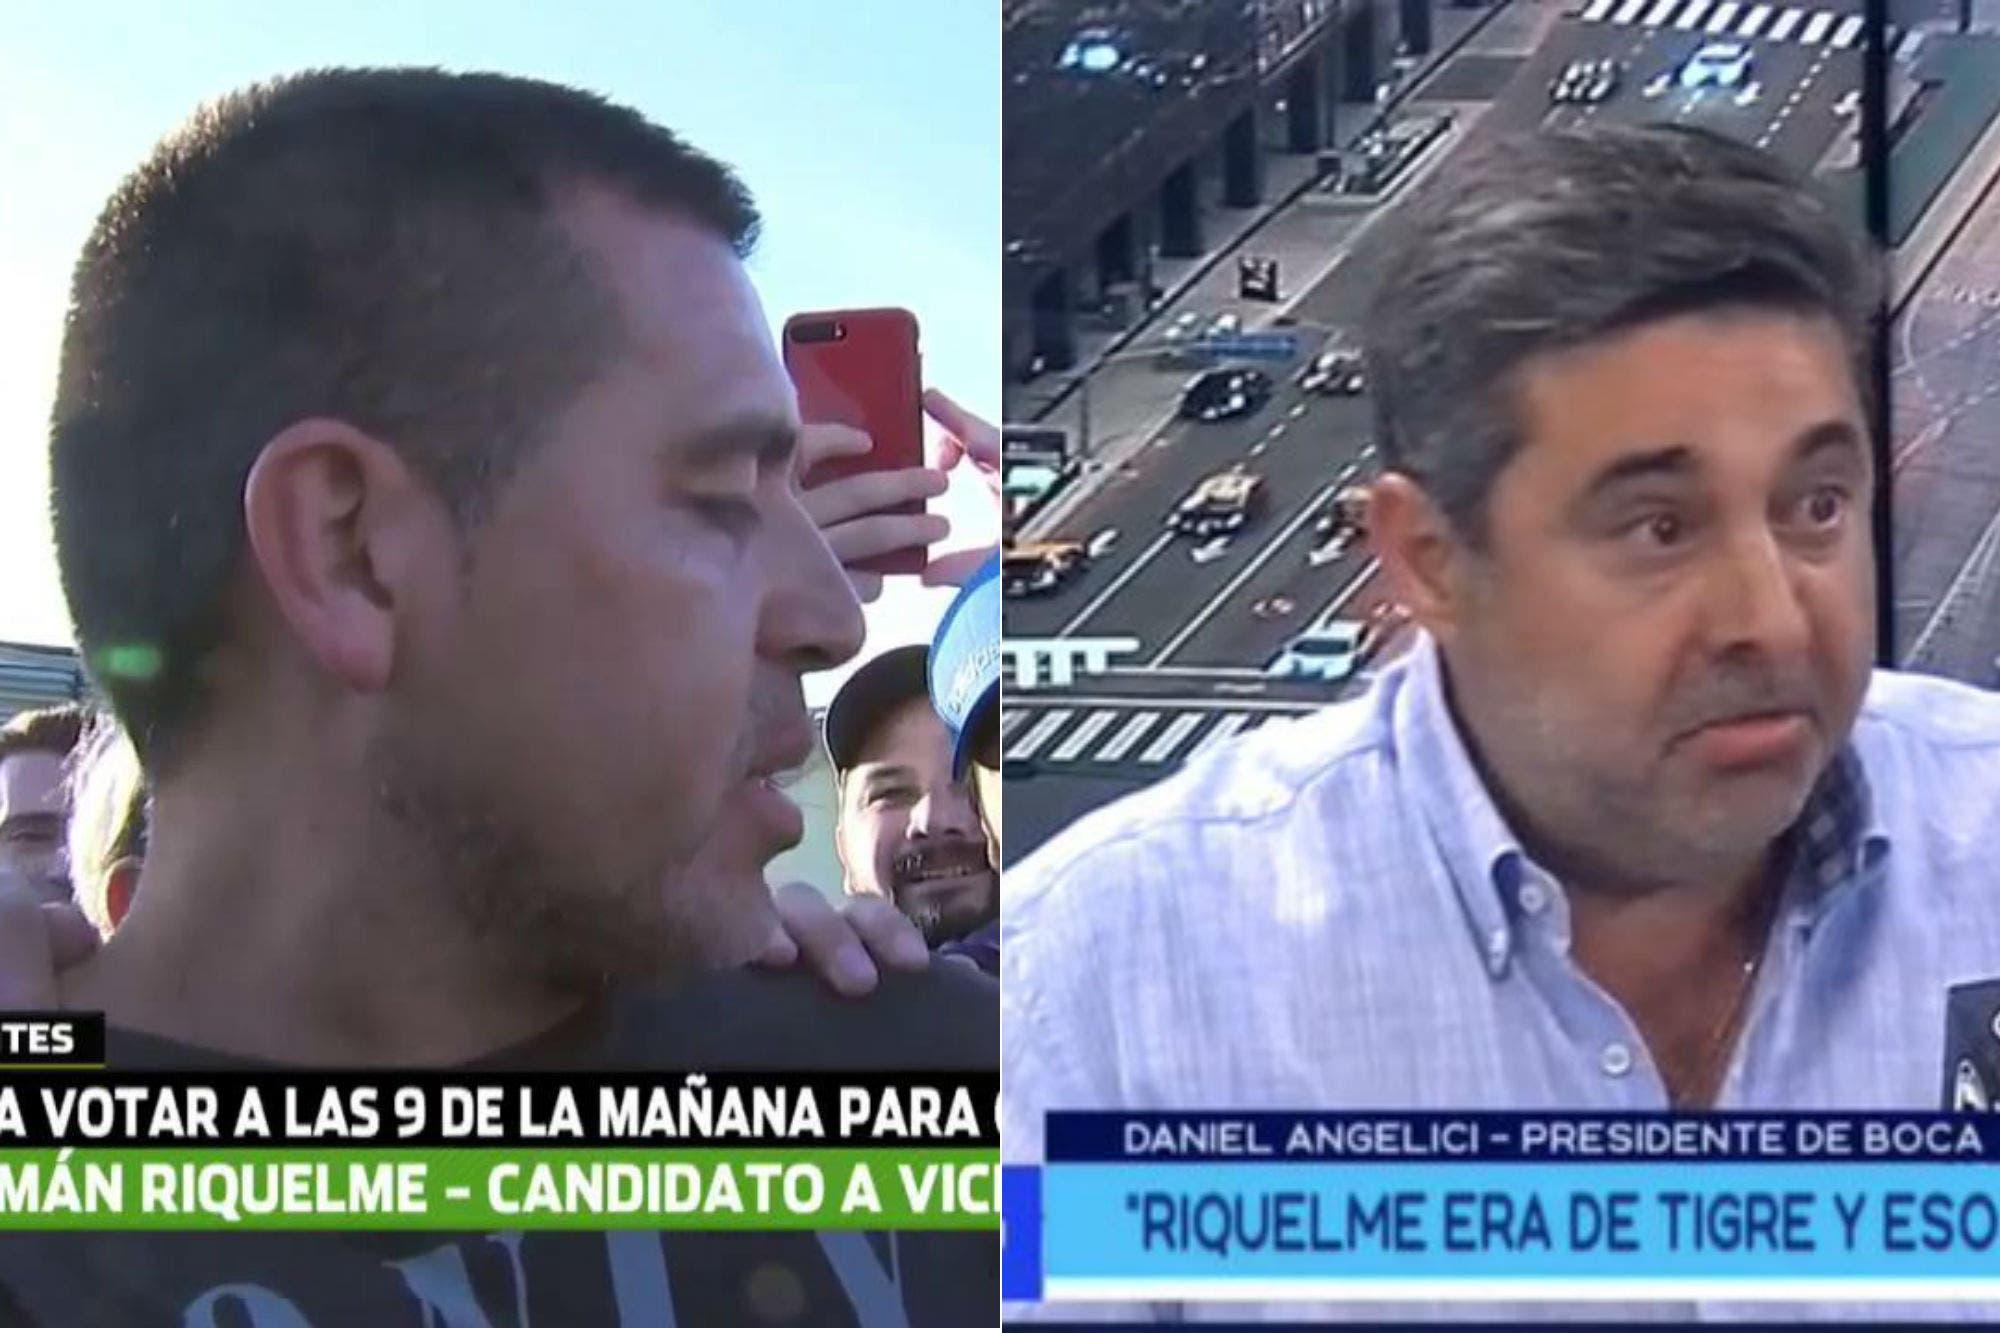 Guerra sucia en las elecciones en Boca: de la ironía de Riquelme a un periodista a las acusaciones de Angelici